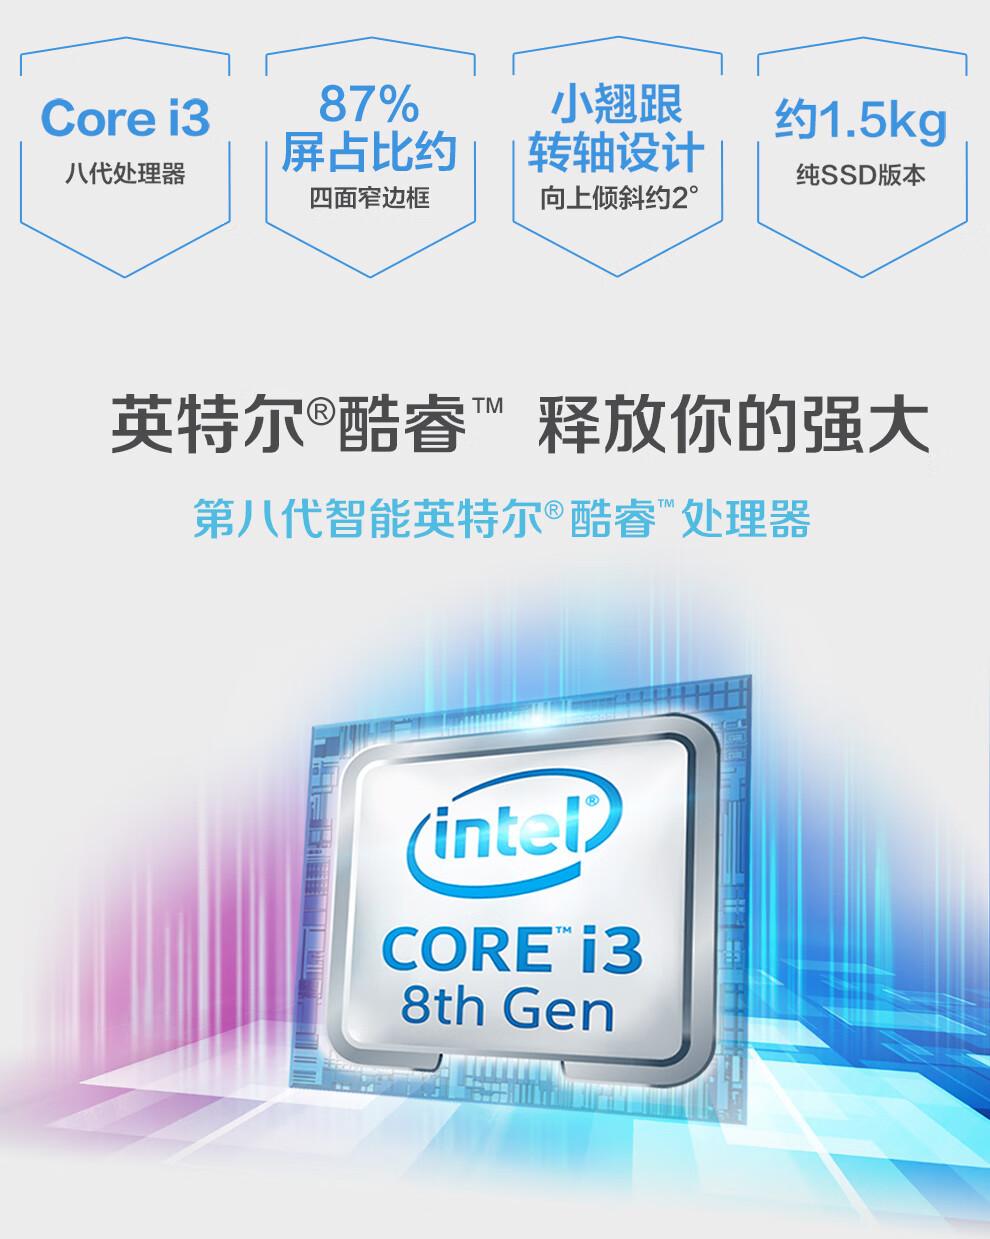 Core i387%小翘跟约1.5kg代处理器屏占比约转轴设计纯SSD版本四面窄边框向上倾斜约2°英特尔酷睿ˇ释放你的强大第八代智能英特尔酷睿处理器intel?CORE I38th Gen-推好价 | 品质生活 精选好价